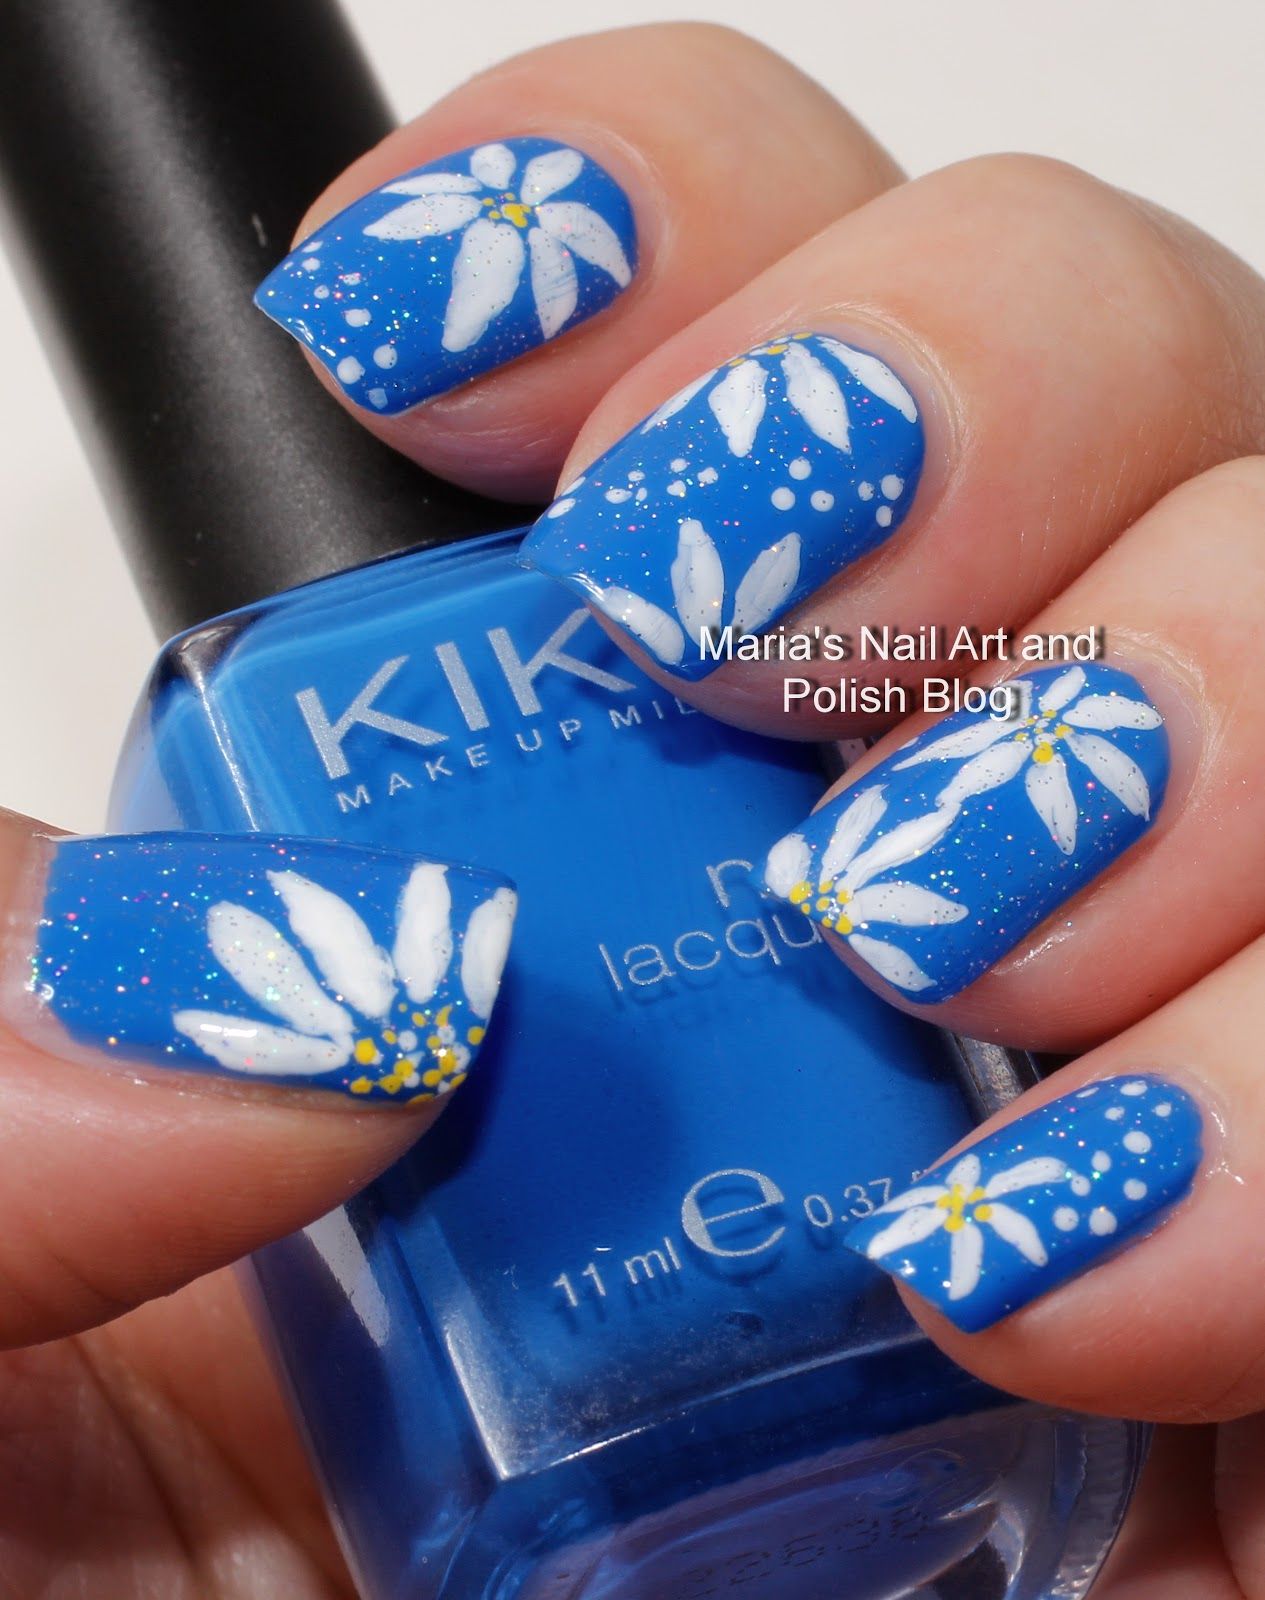 Marias Nail Art and Polish Blog: Daisy nail art on blue